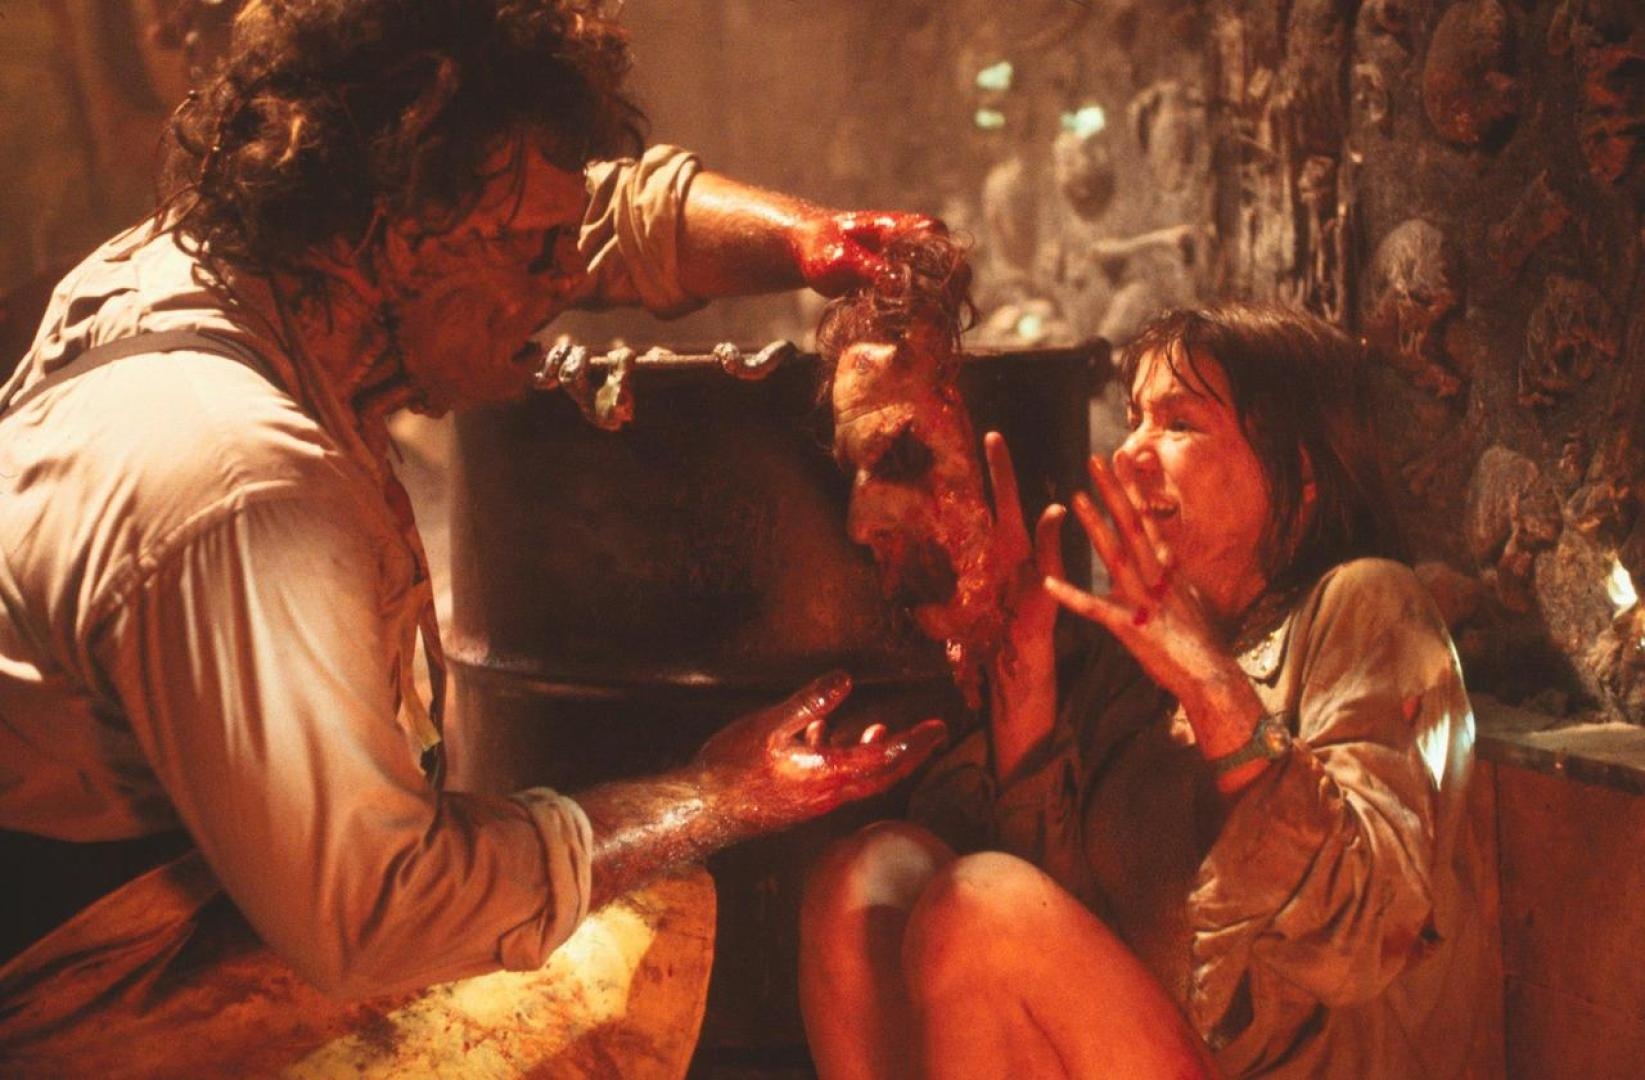 The Texas Chainsaw Massacre - A texasi láncfűrészes mészárlás (1986) 1. kép